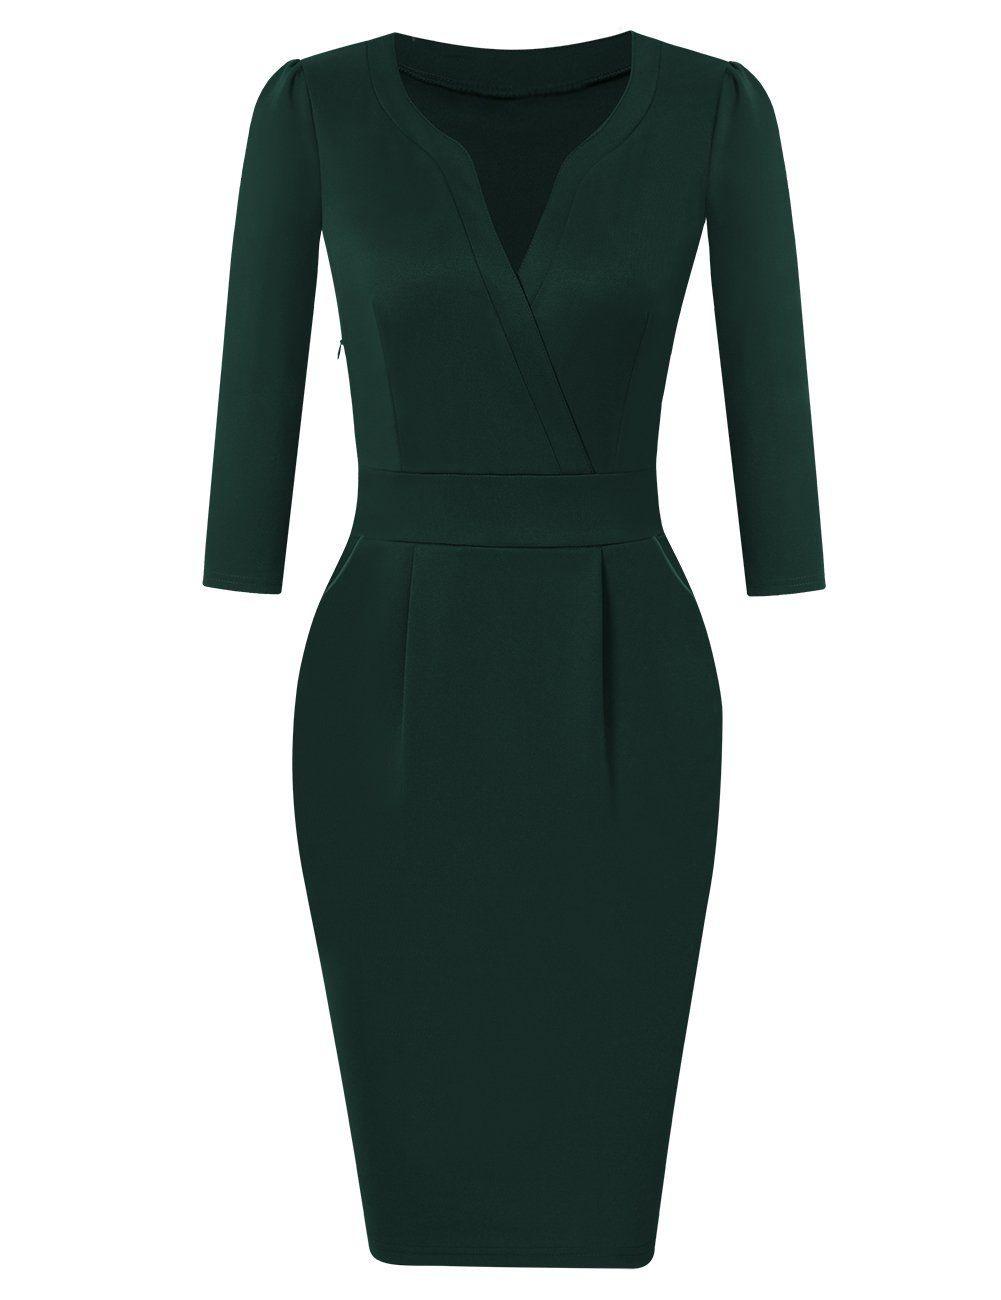 13 Genial Kleid Damen Elegant Stylish17 Luxus Kleid Damen Elegant Boutique